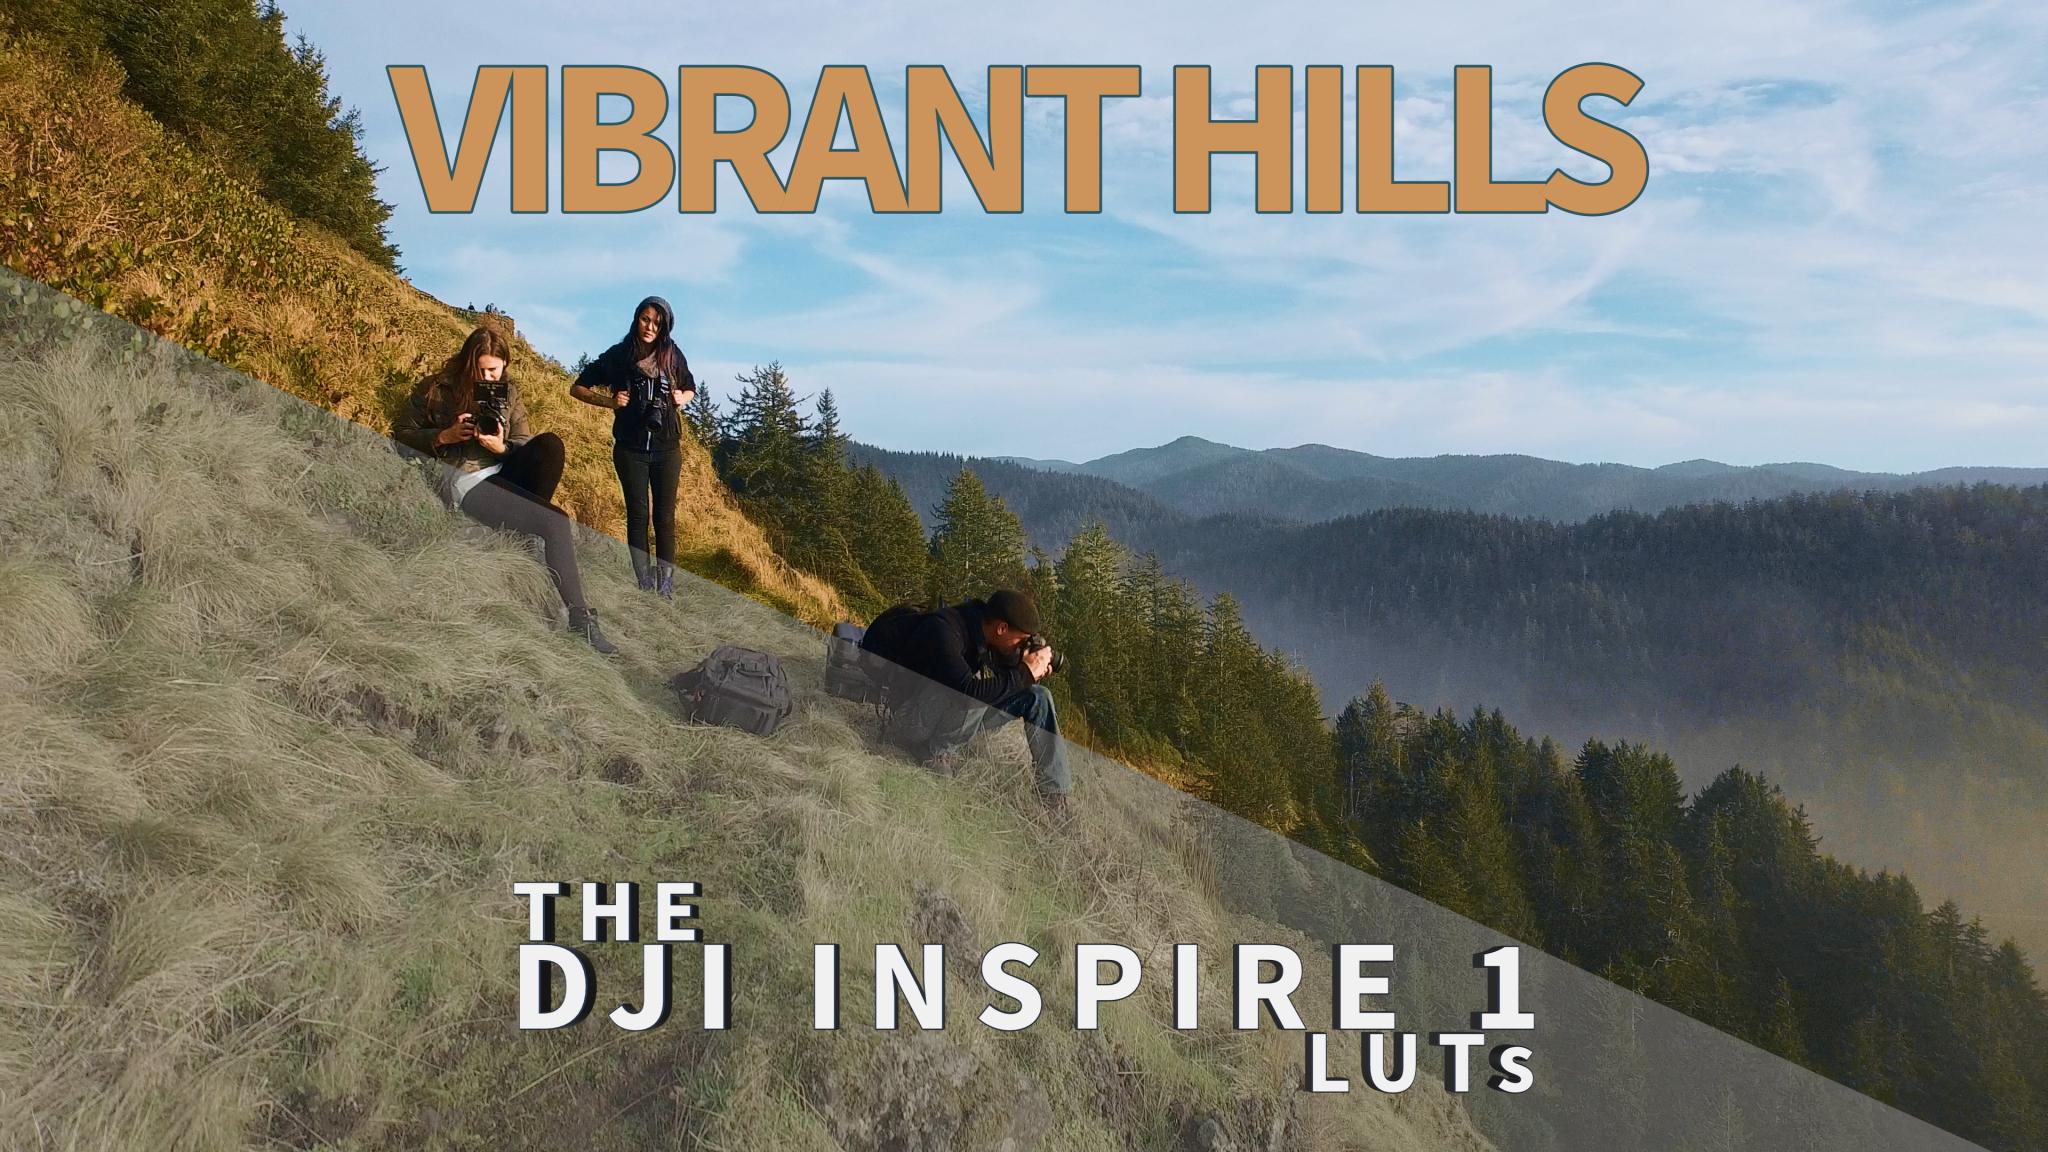 vibrant hills luts